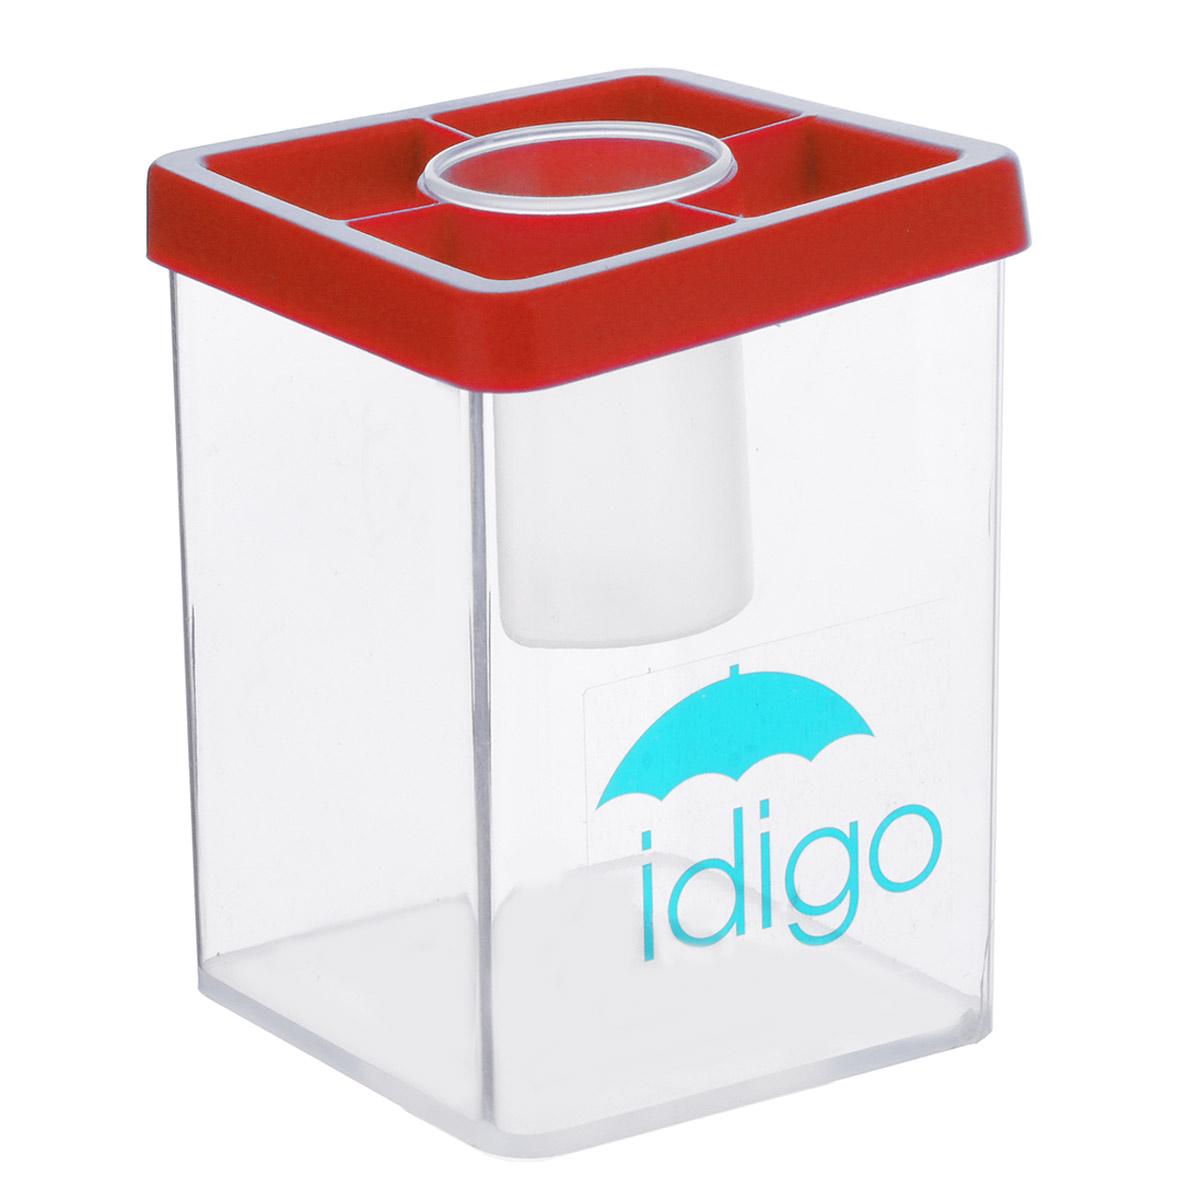 Многофункциональная подставка-стакан Idigo, цвет: красный24297Многофункциональный стакан из пластика Idigo станет незаменимым атрибутом на письменном столе ребенка. Он идеально подходит для мытья кистей во время рисования. Кроме того, удобный стакан может быть использован для хранения кистей, карандашей, ручек и фломастеров. А благодаря небольшой круглой баночке, расположенной в центре стакана, скрепки, кнопки и ластики не потеряются.